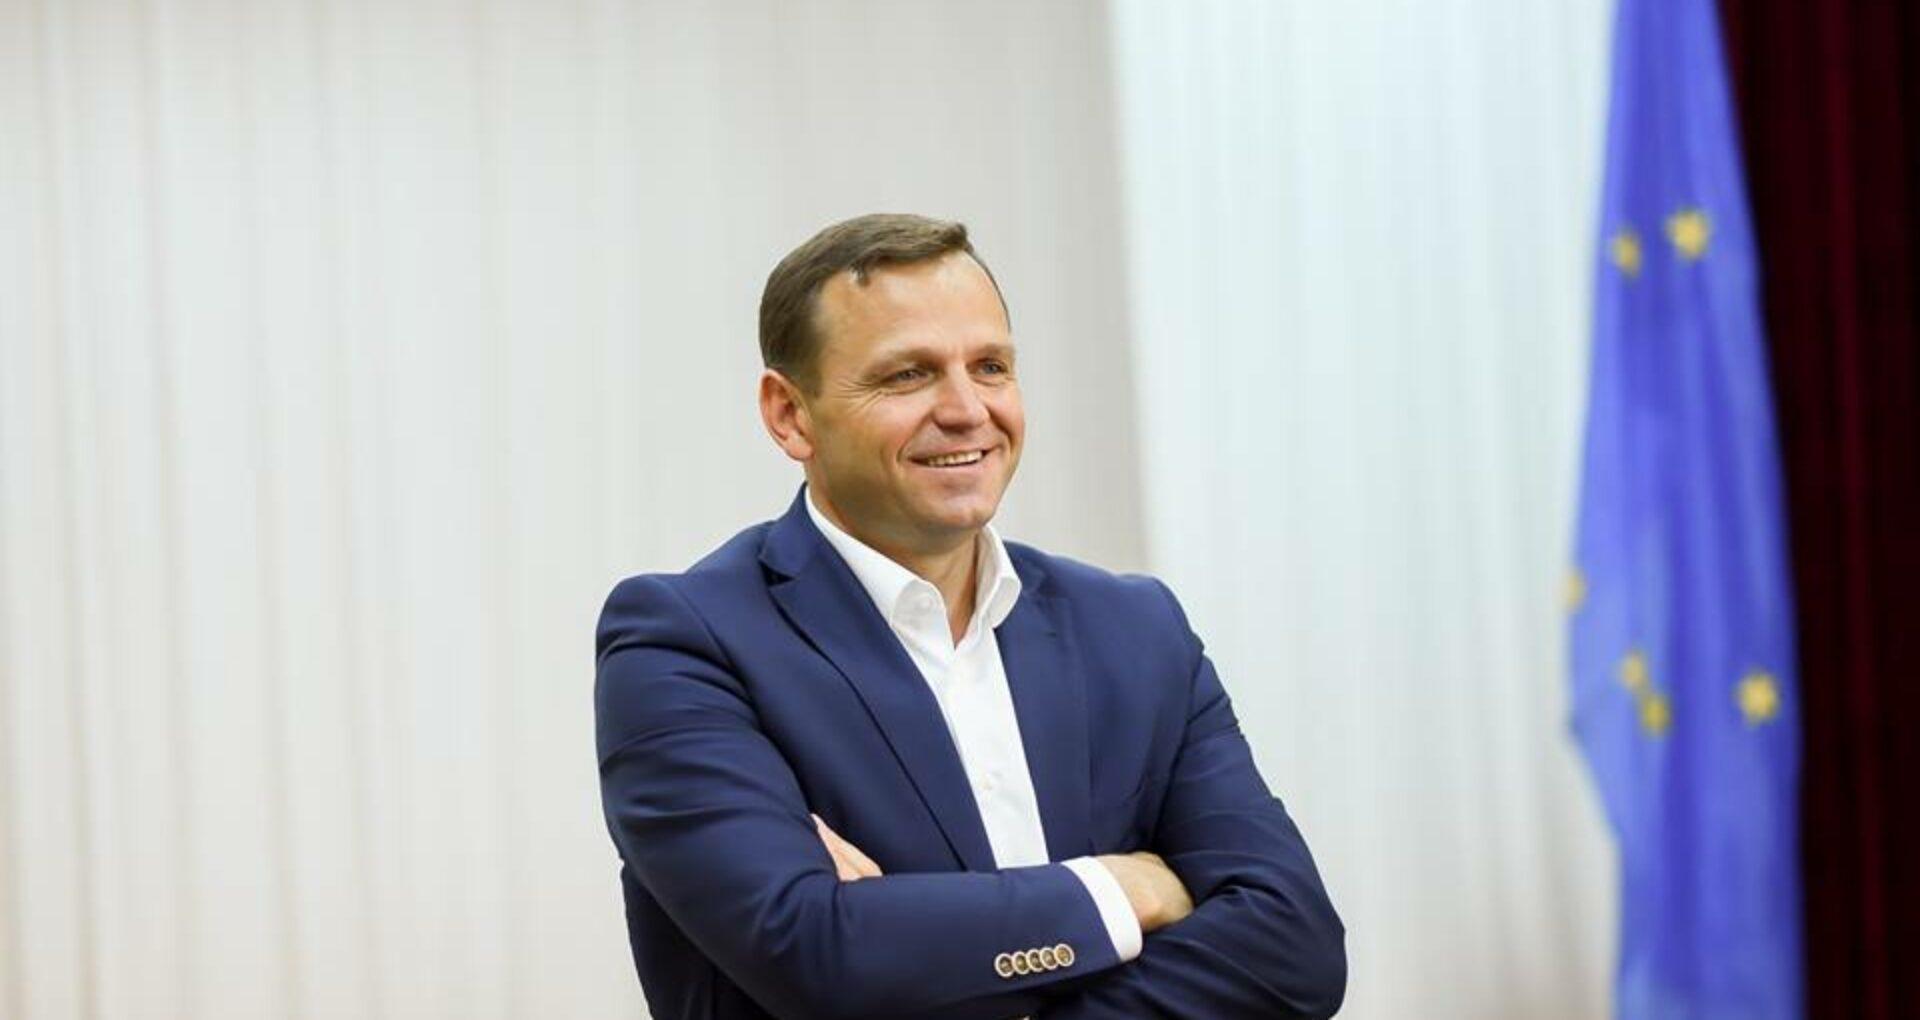 ULTIMA ORĂ! După un an și patru luni, CA Chișinău validează mandatul de primar al lui Năstase